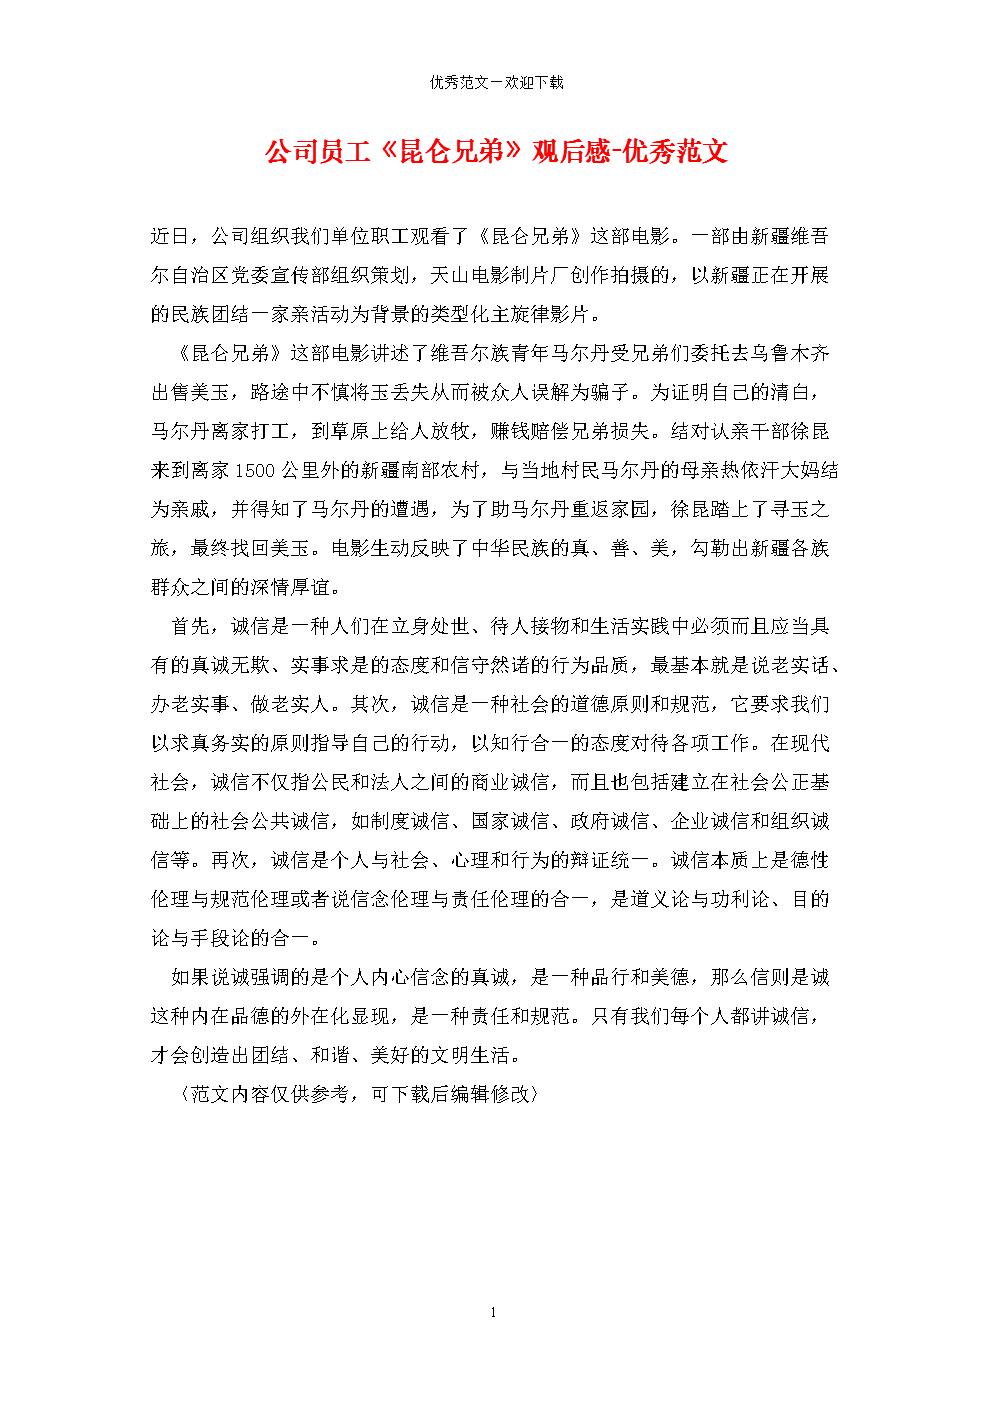 公司员工《昆仑兄弟》观后感-优秀范文.doc